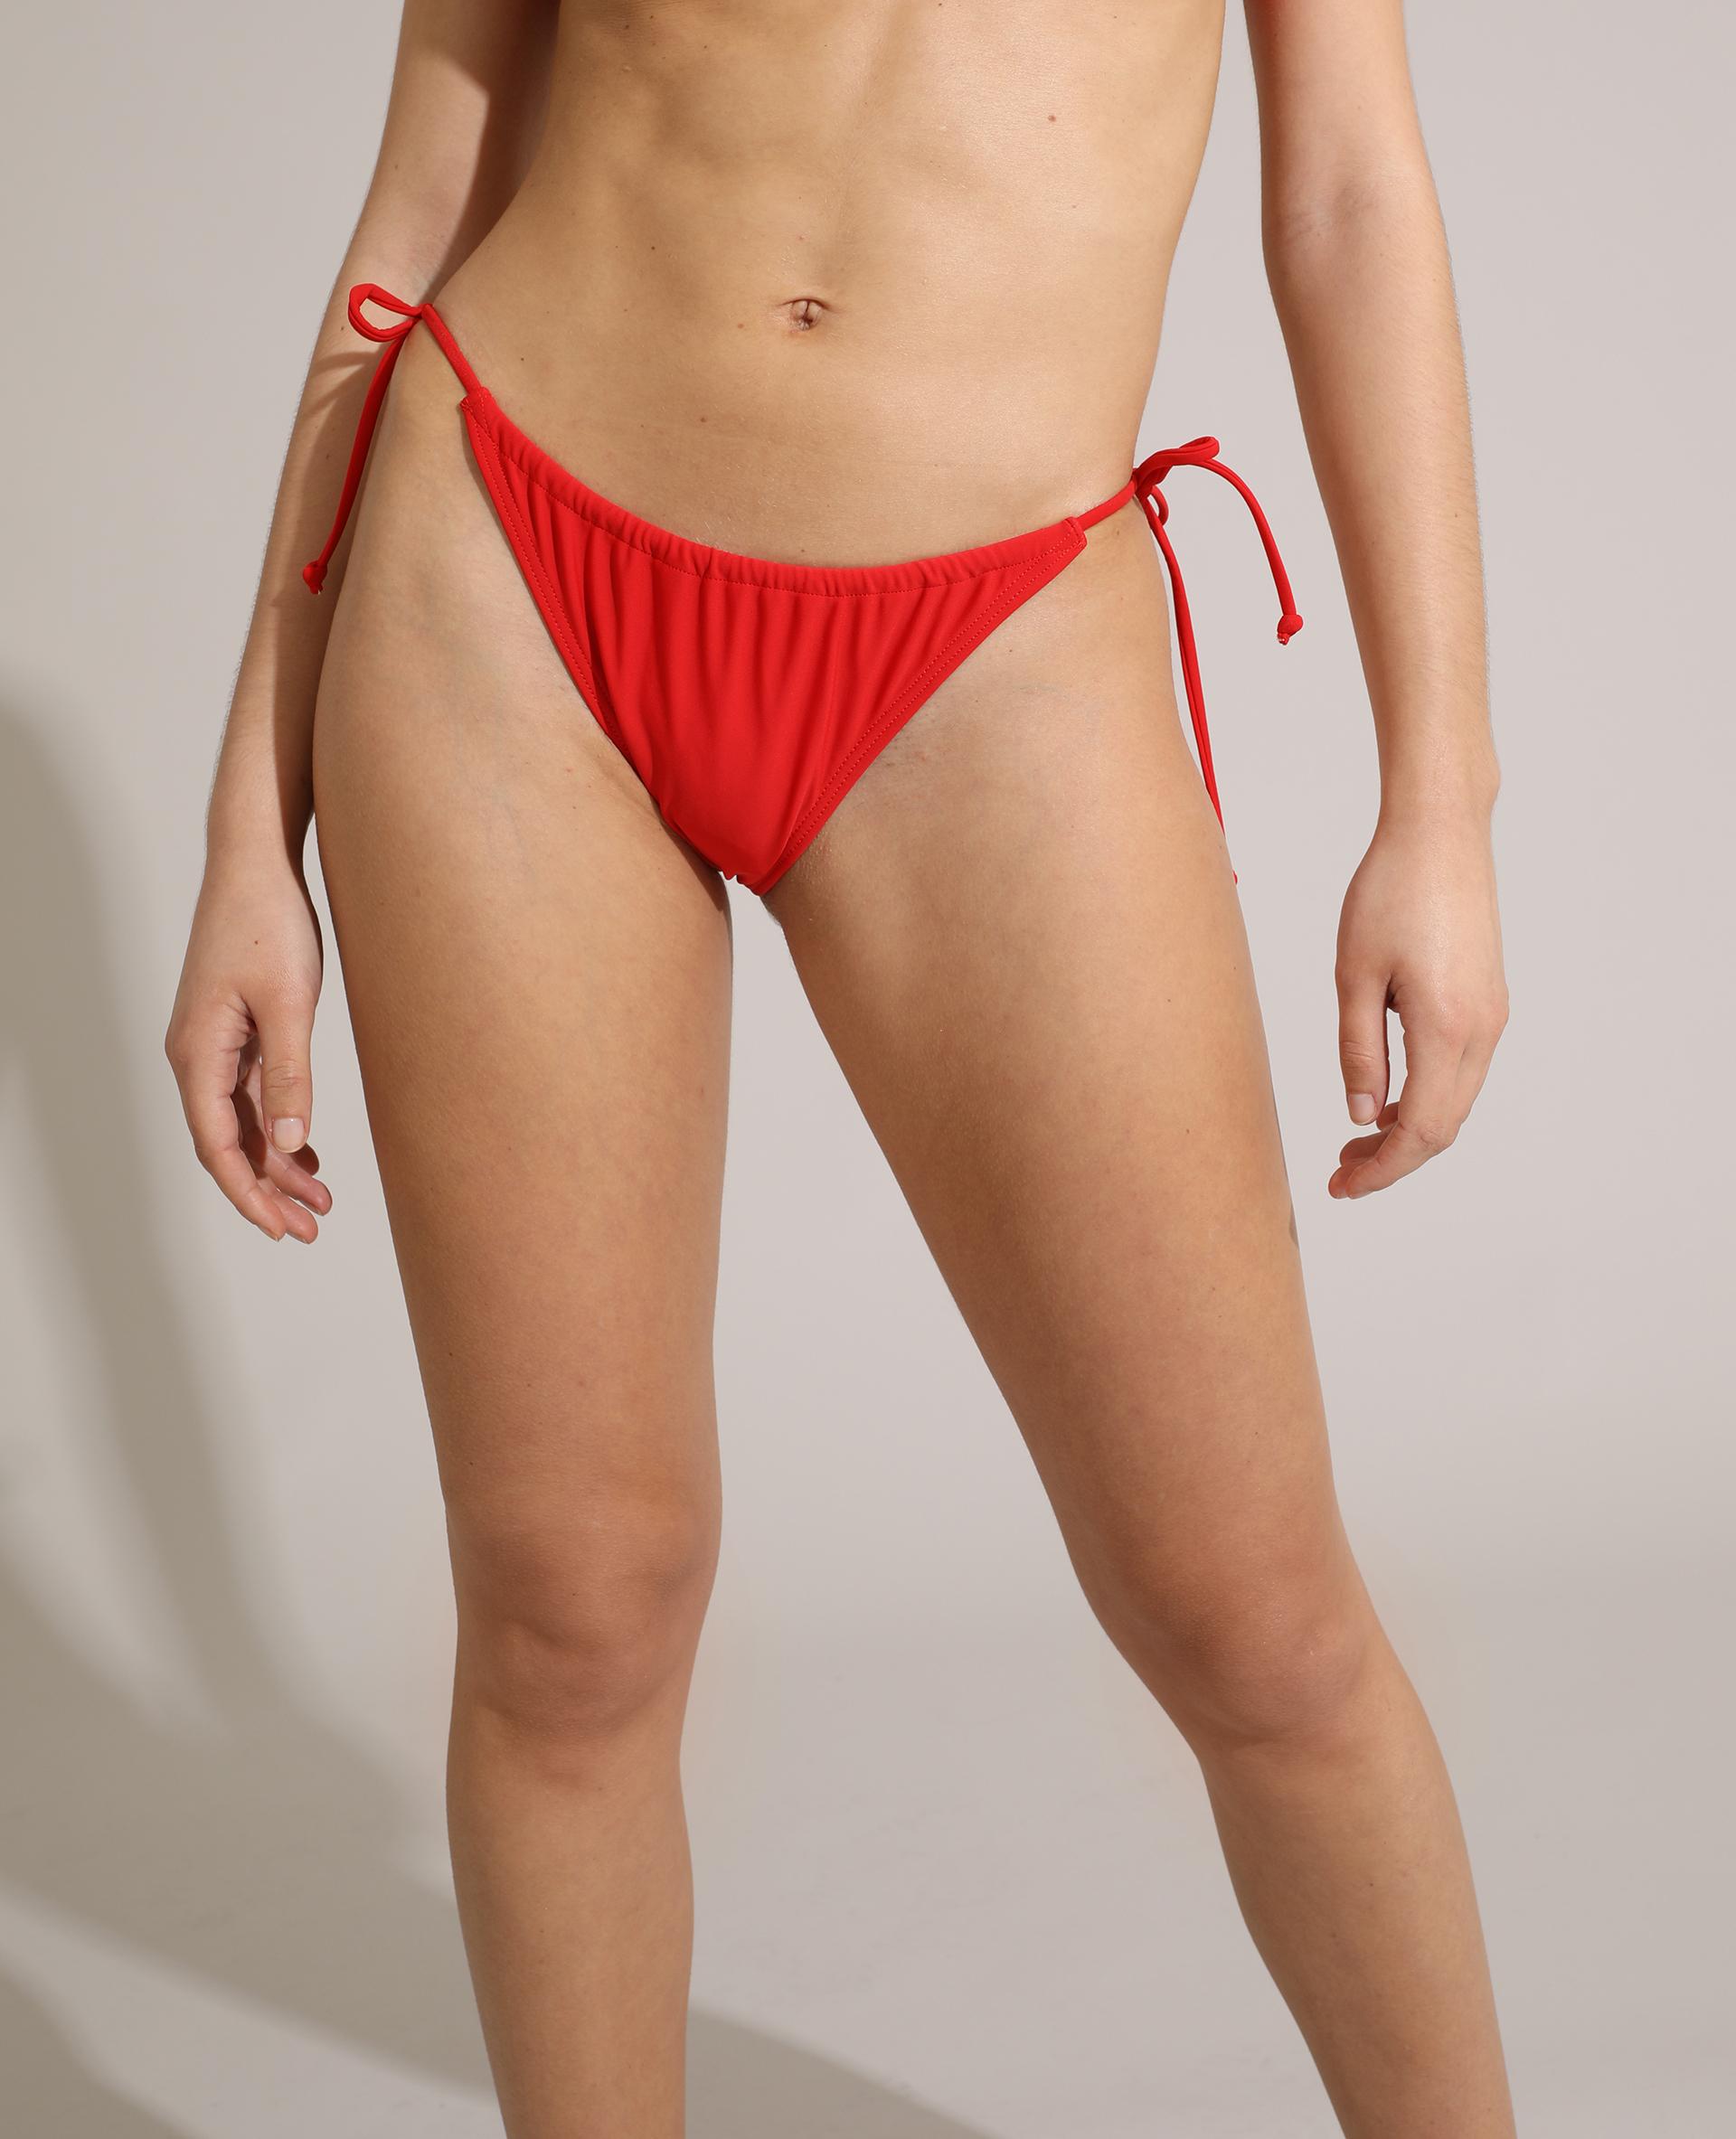 Bas de maillot de bain culotte transformable rouge - Pimkie